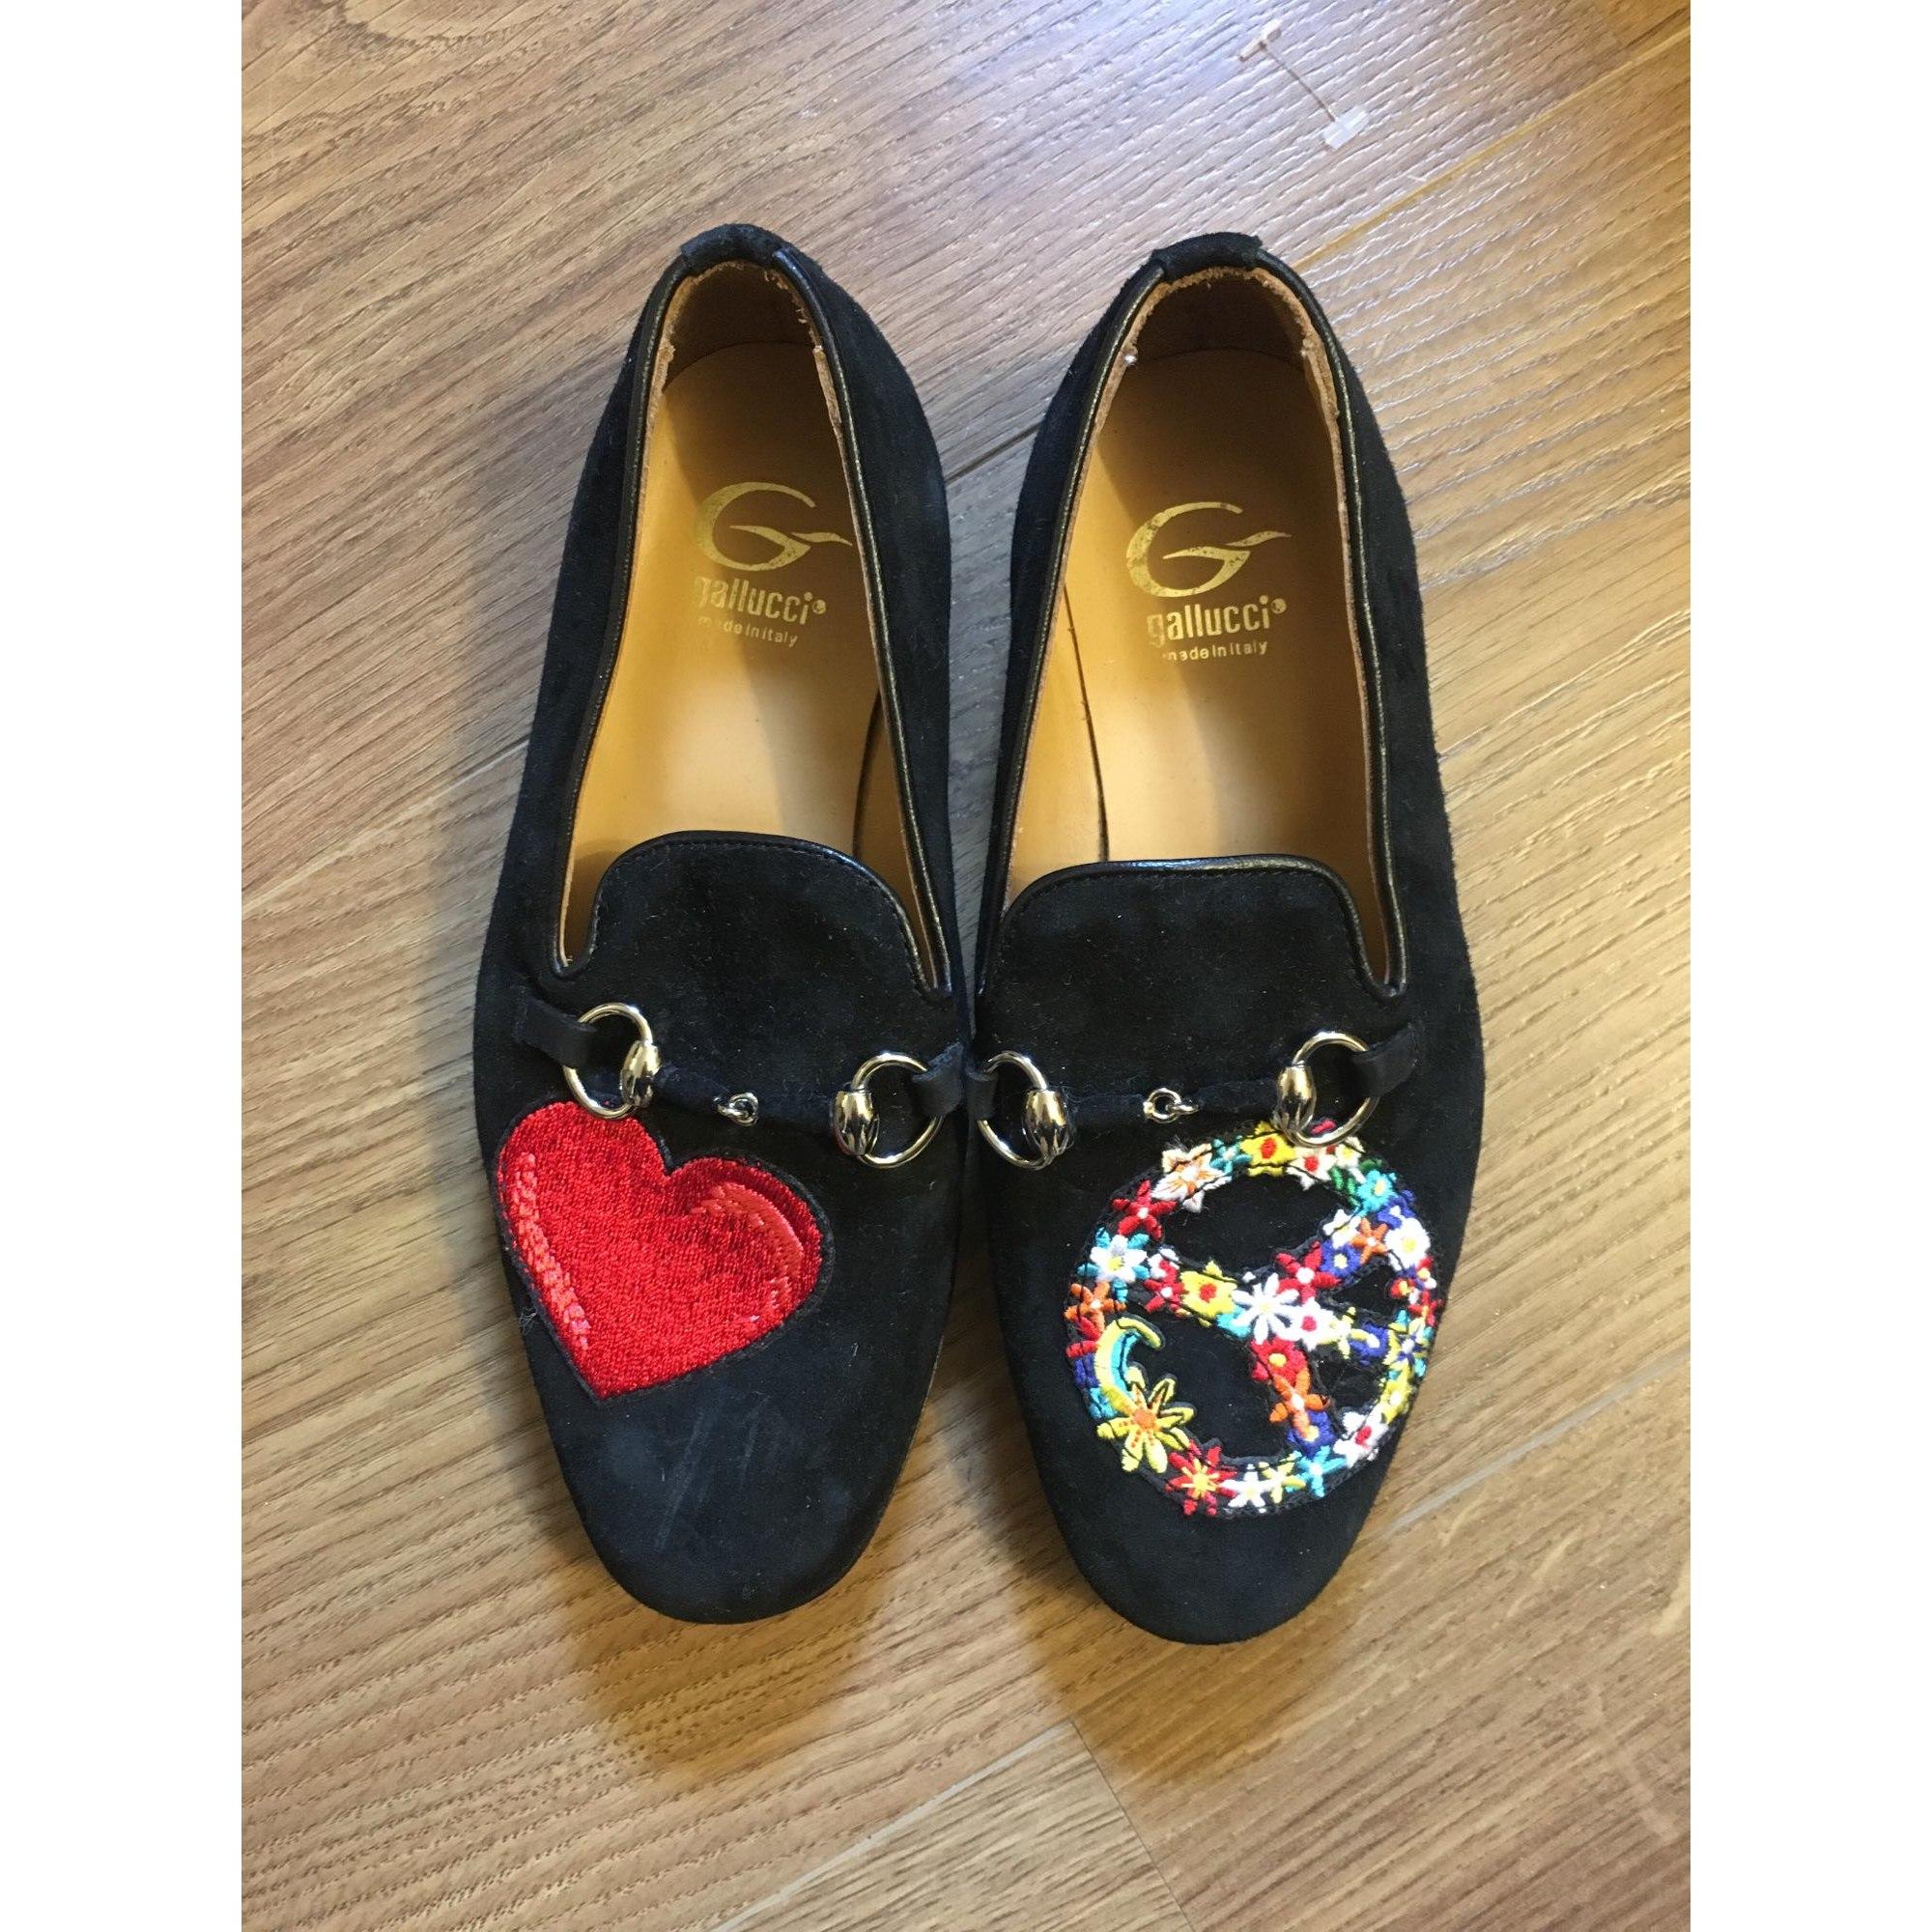 Loafers GALLUCCI Black